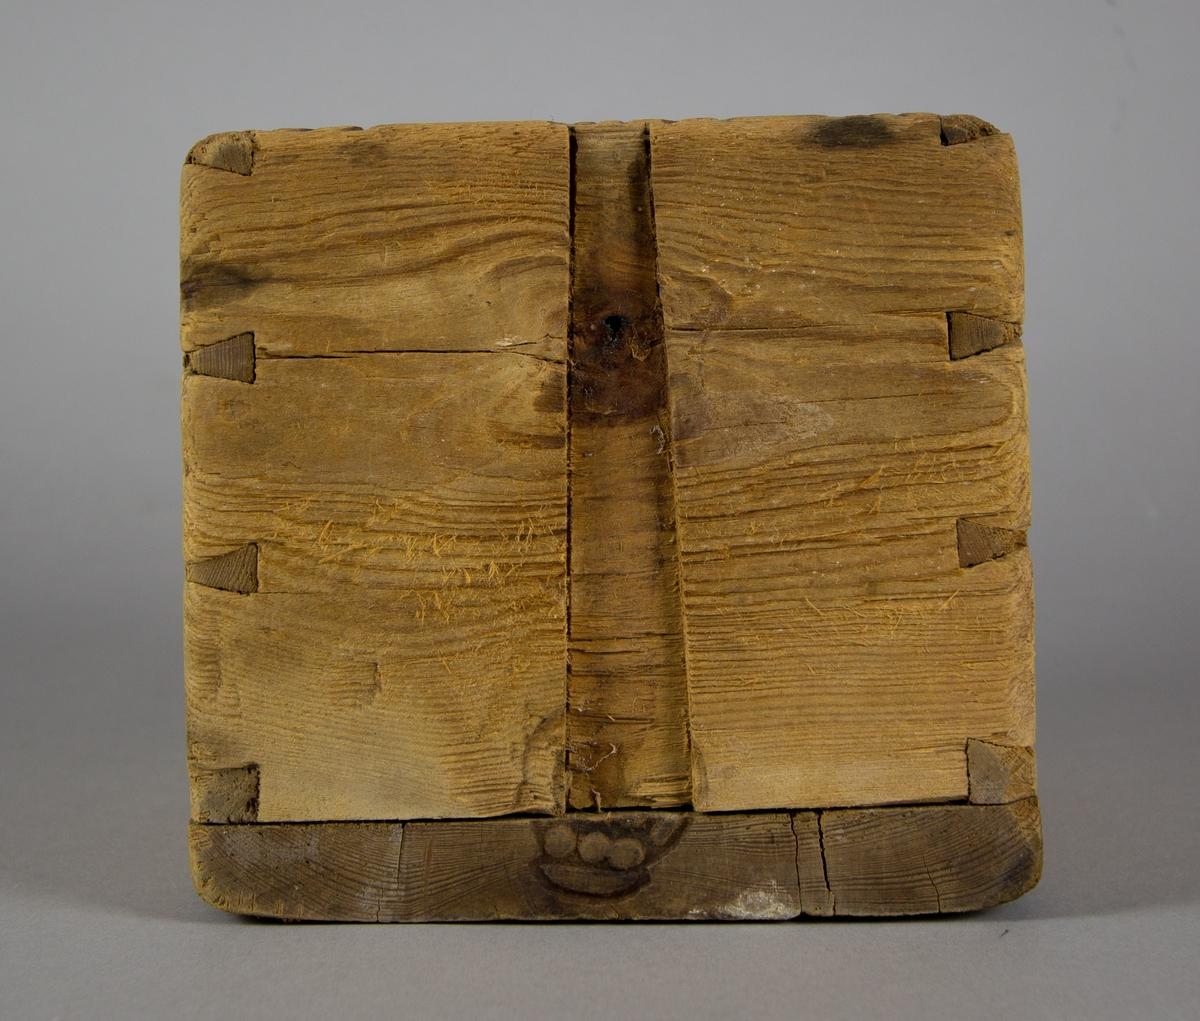 Mått tillverkat av trä.  Fyrkantigt till formen. Rymmer c:a 2.5 liter. Kronstämplat på alla sidor och på bottens insida.